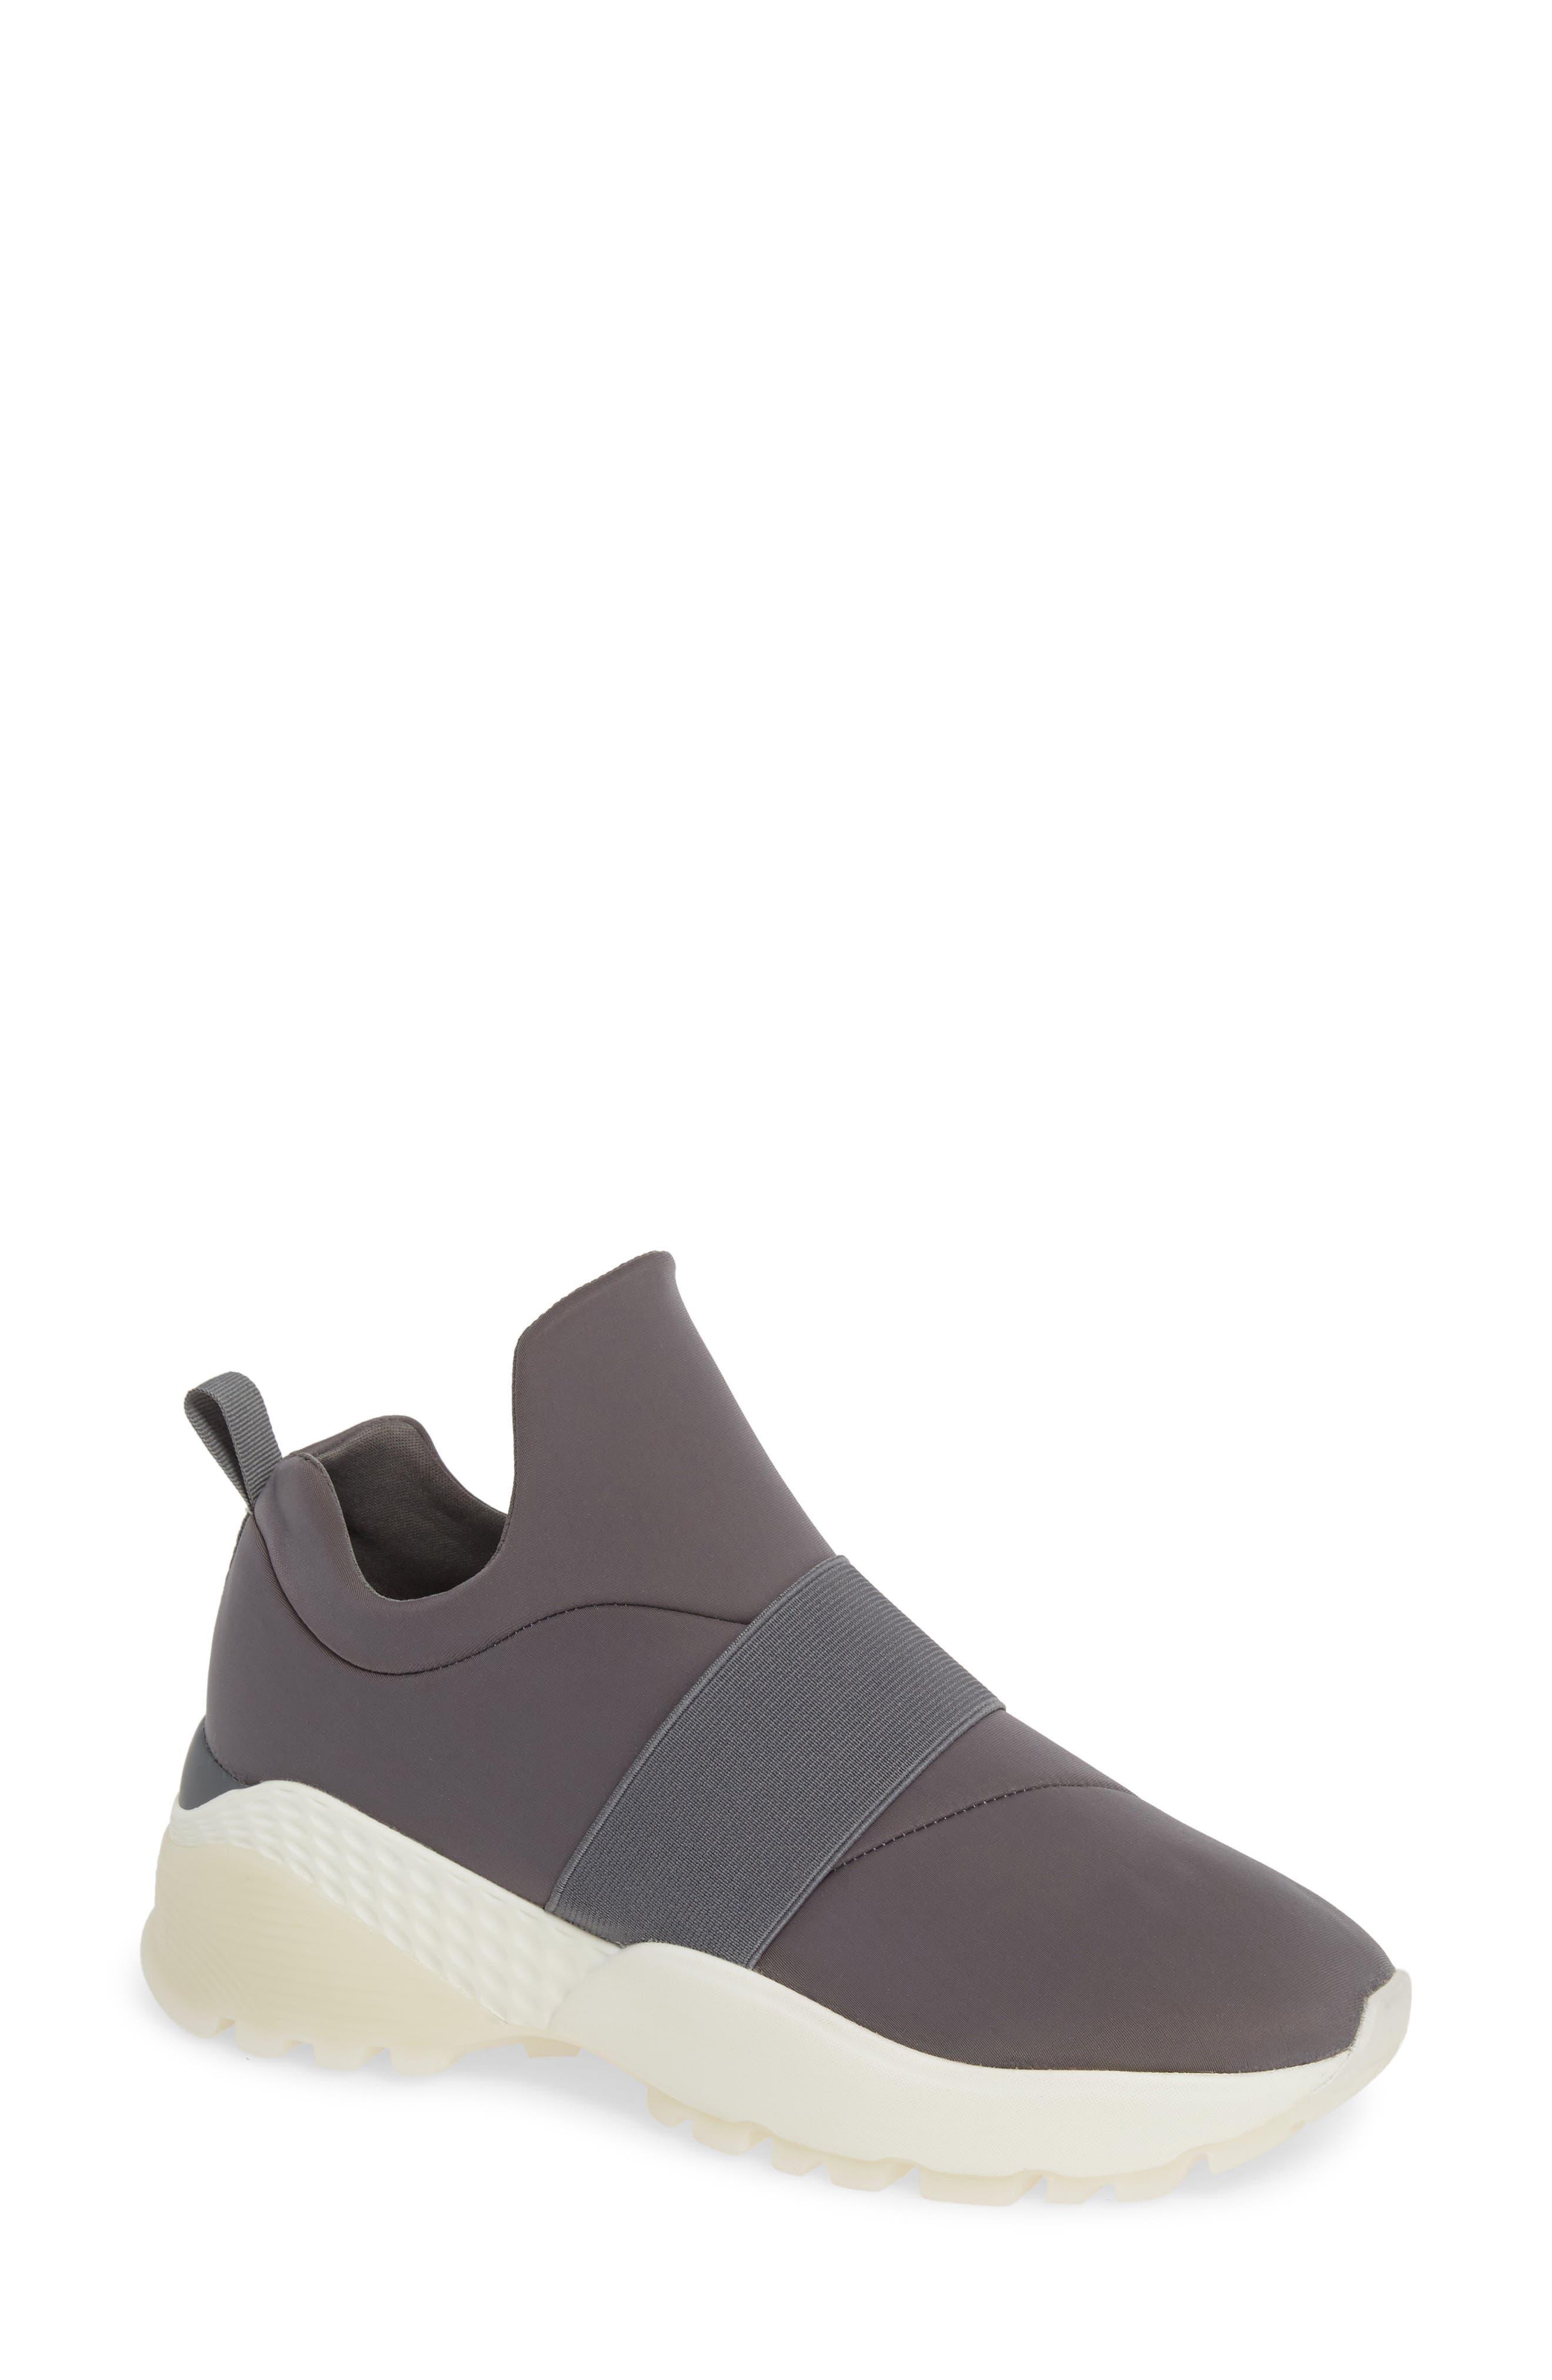 Jslides Slip-On Sneaker, Grey